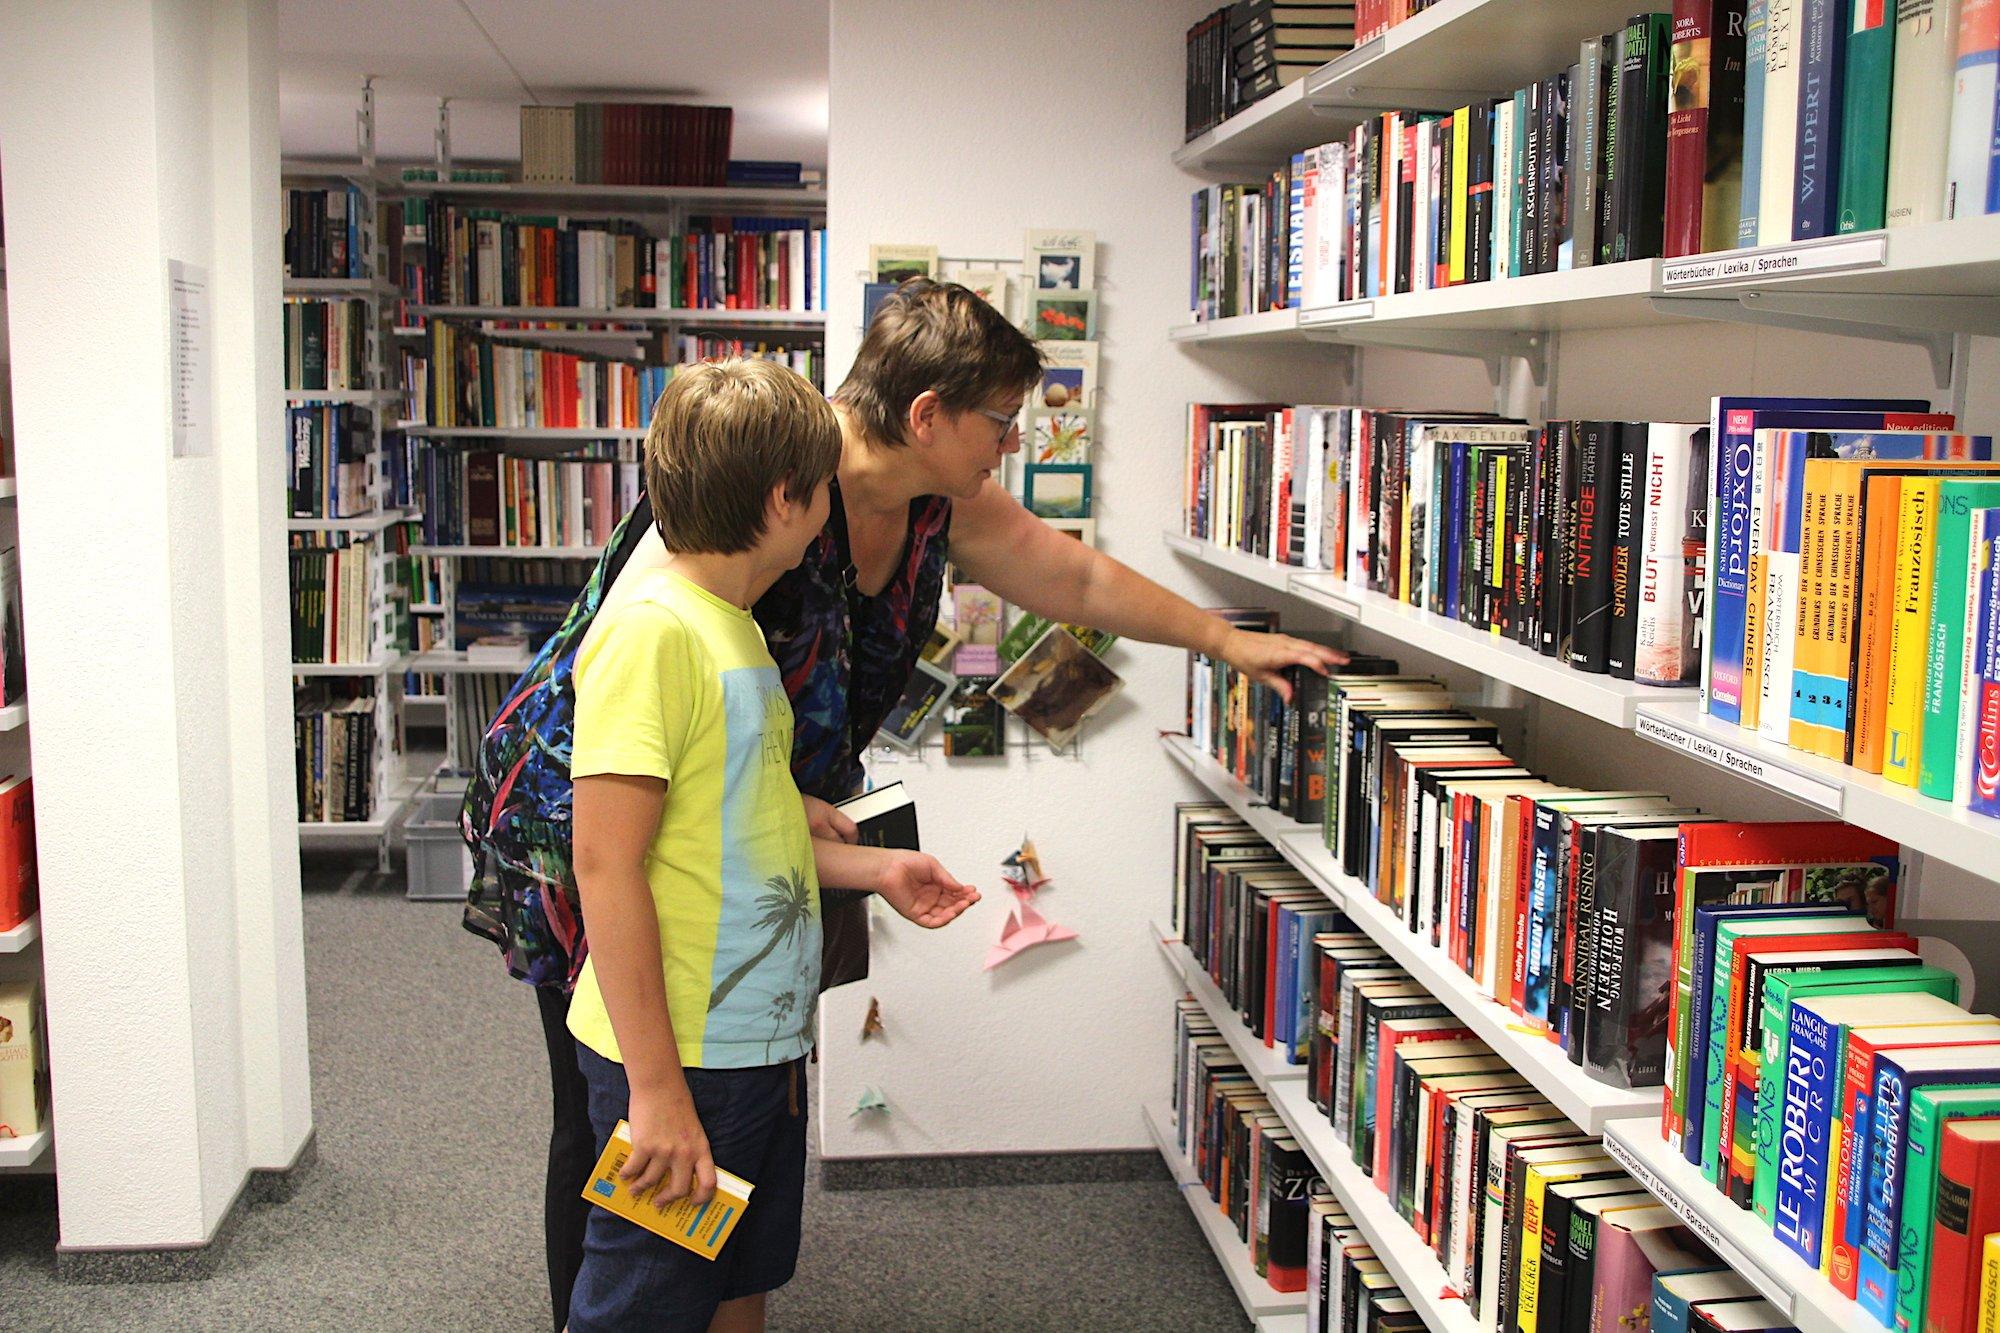 Karin Franzen und ihr Sohn Nils suchen sich Bücher aus in der Gratis-Bibliothek der Halle 44 in Baar. Bis zu zehn Bände darf man mit nach Hause nehmen.